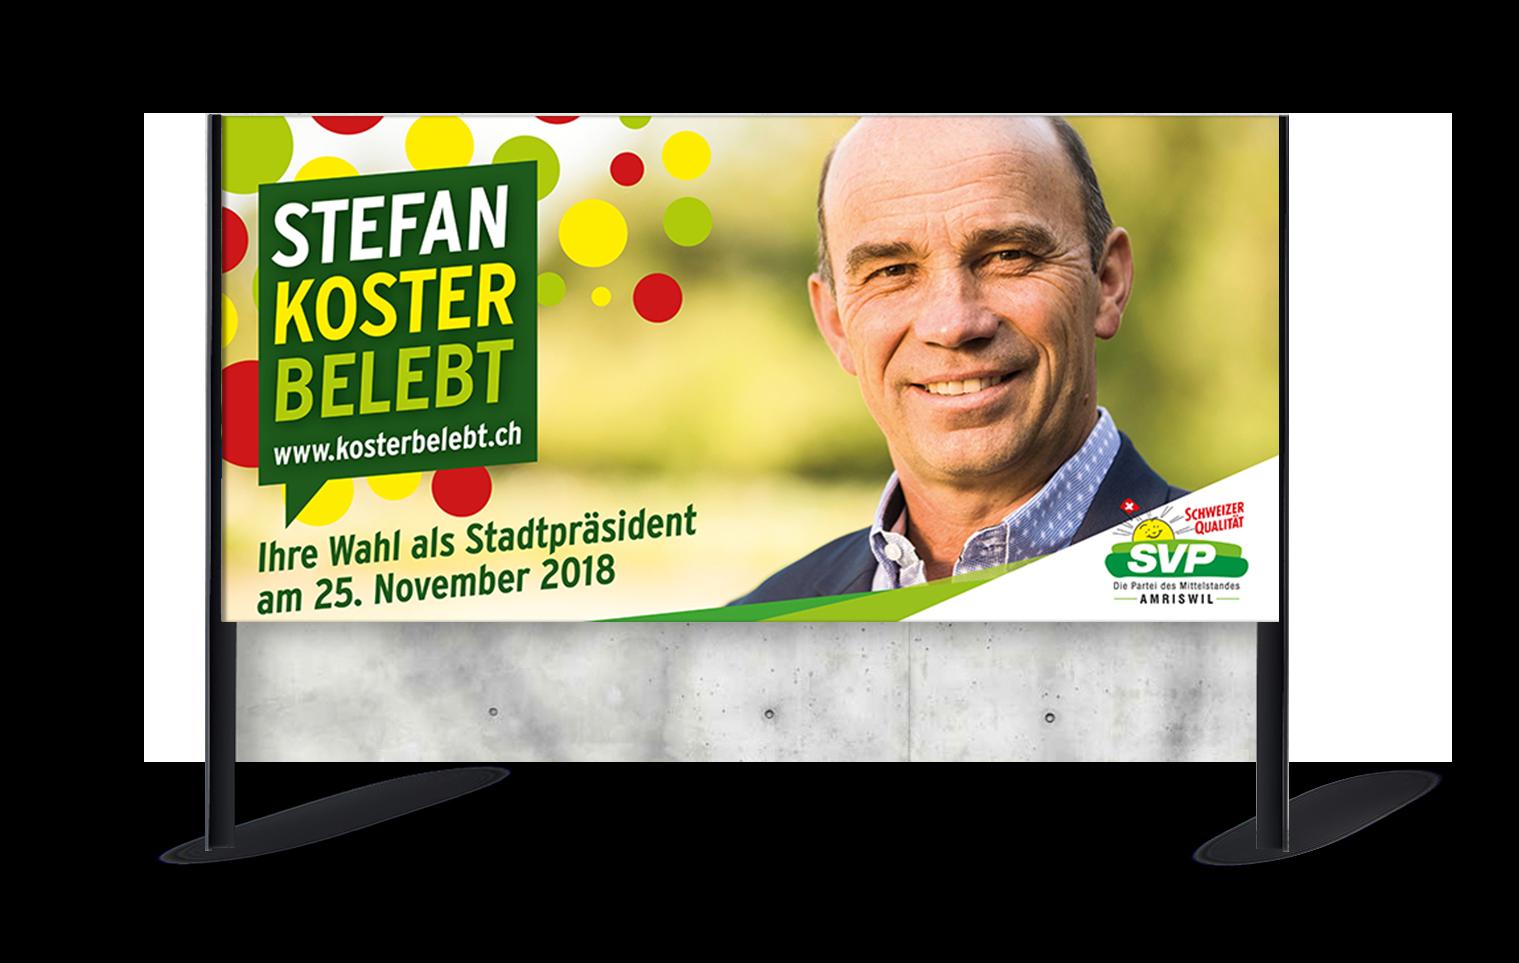 SVP Amriswil – Werbekampagne für die Stadtpräsidentenwahl 2018